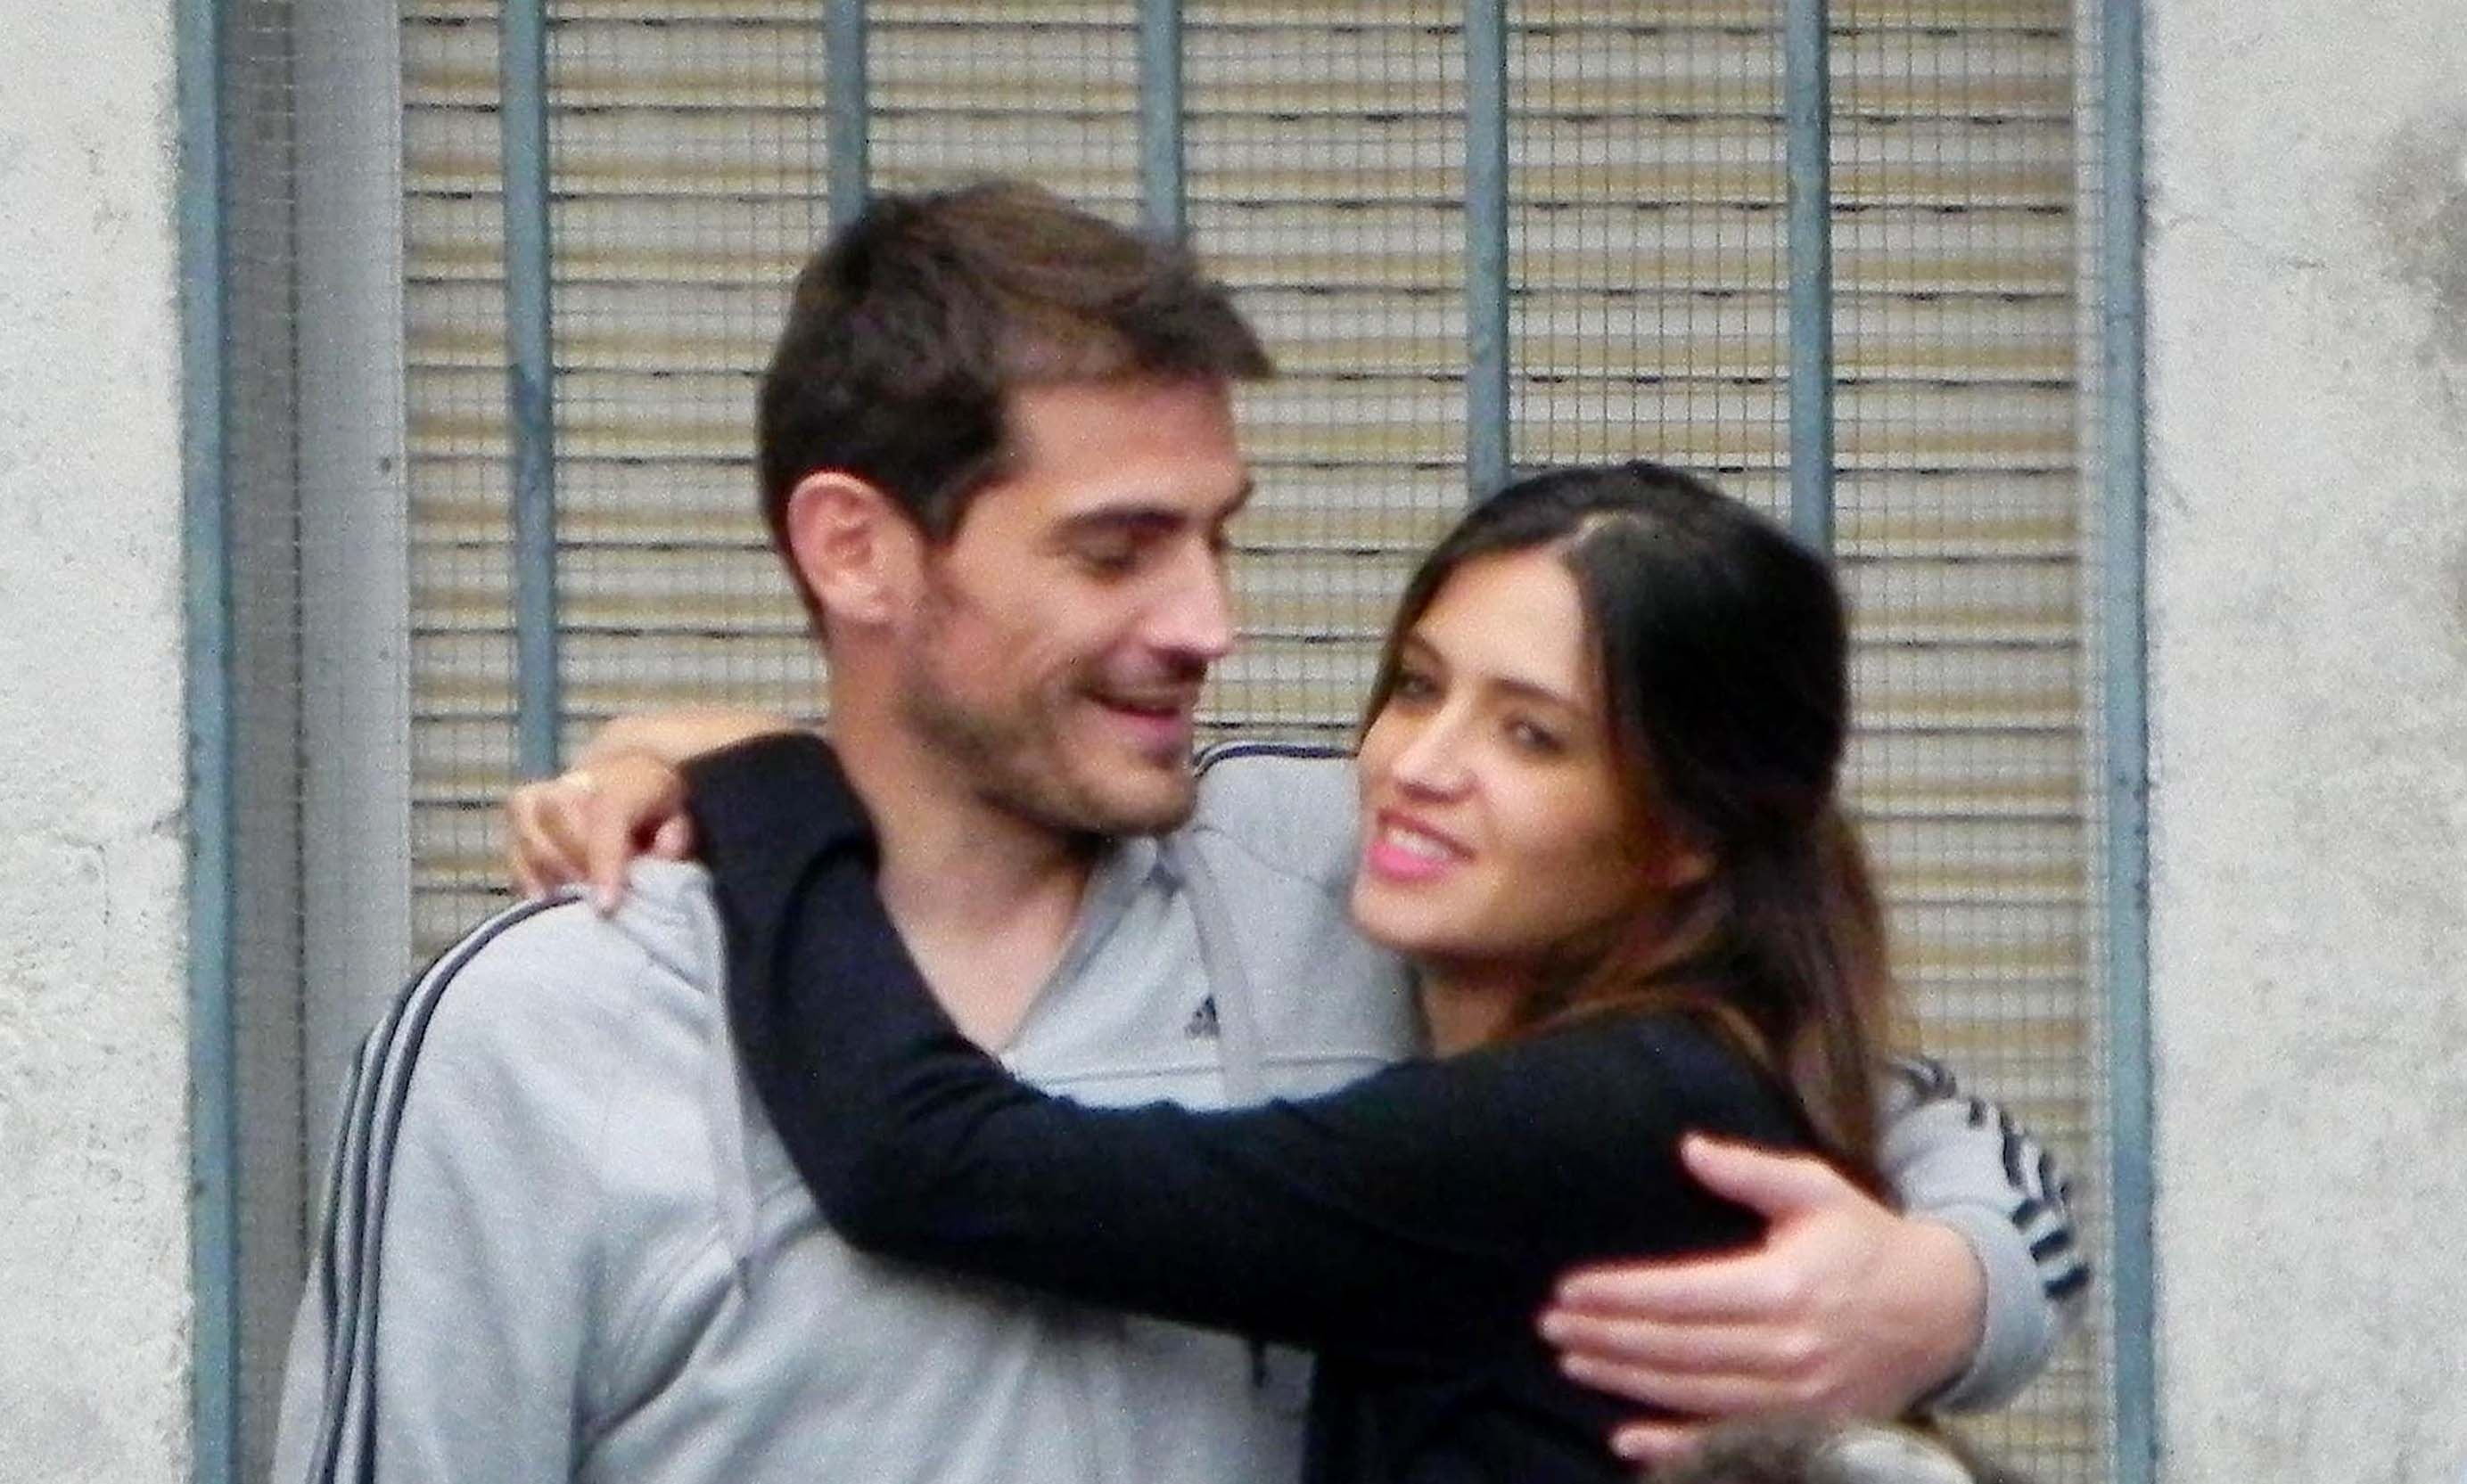 Un aficionado del Real Madrid crea una plataforma para hacerle un regalo al bebé de Iker Casillas y Sara Carbonero